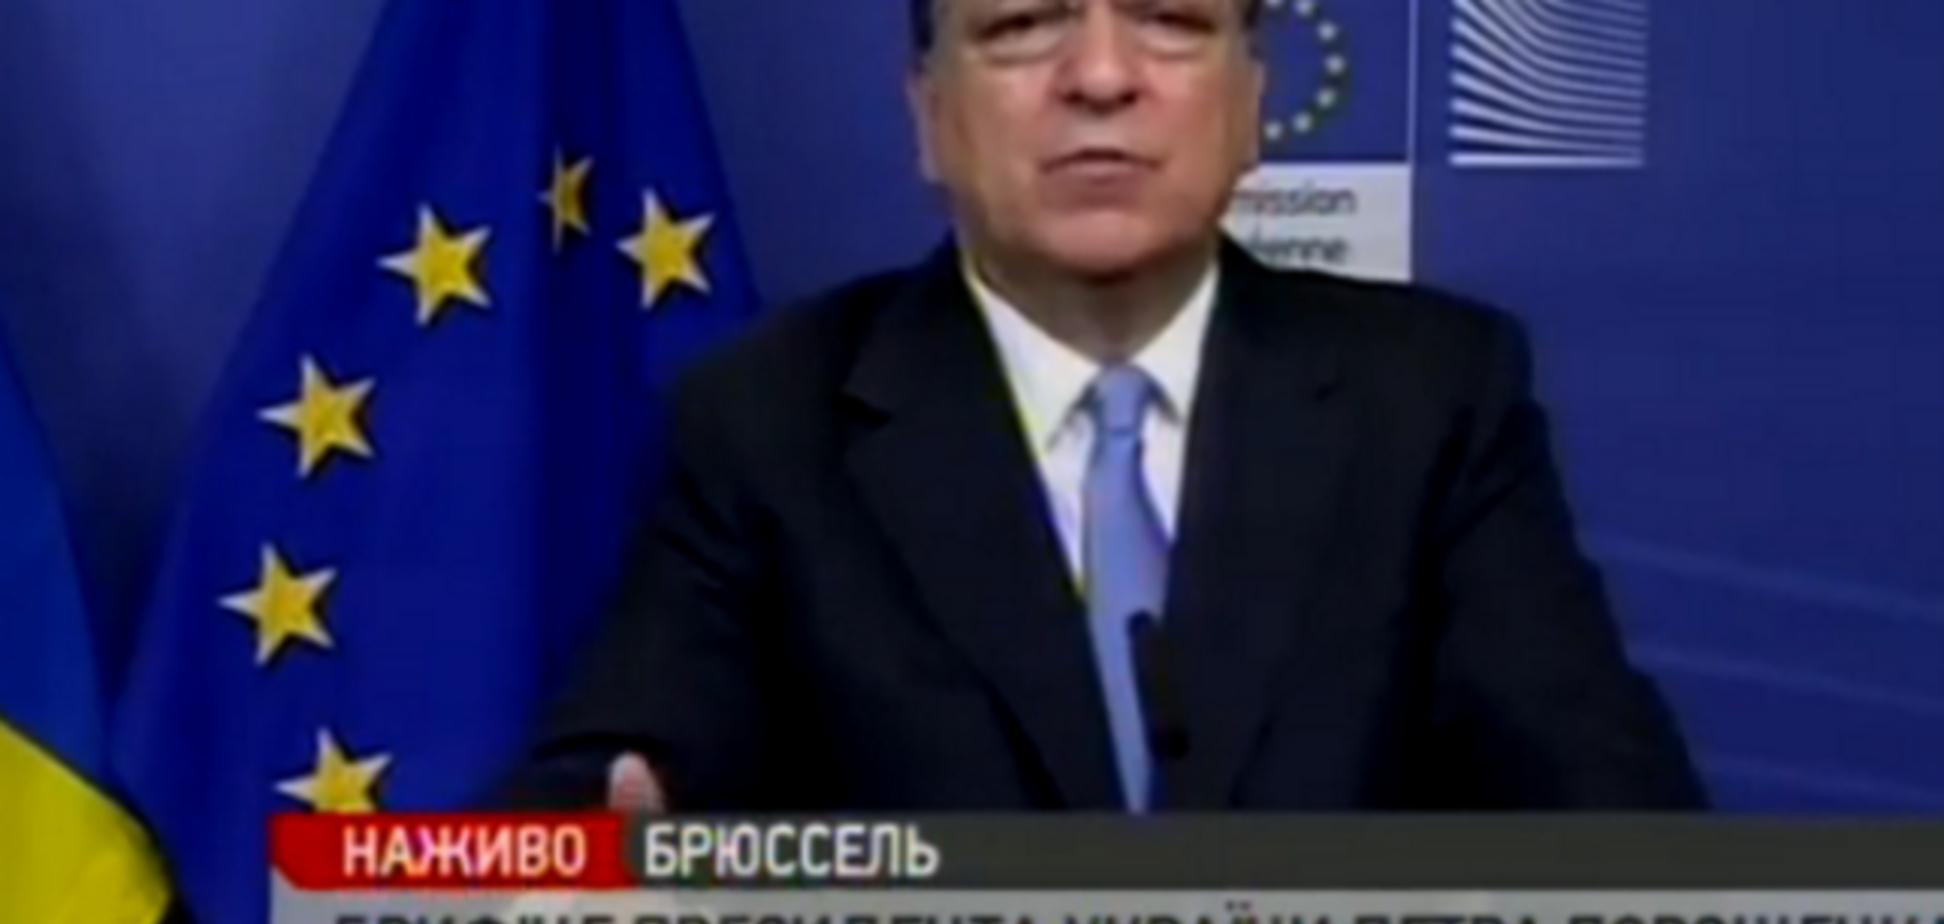 Брюссель заявил о готовности ввести новые санкции против Москвы